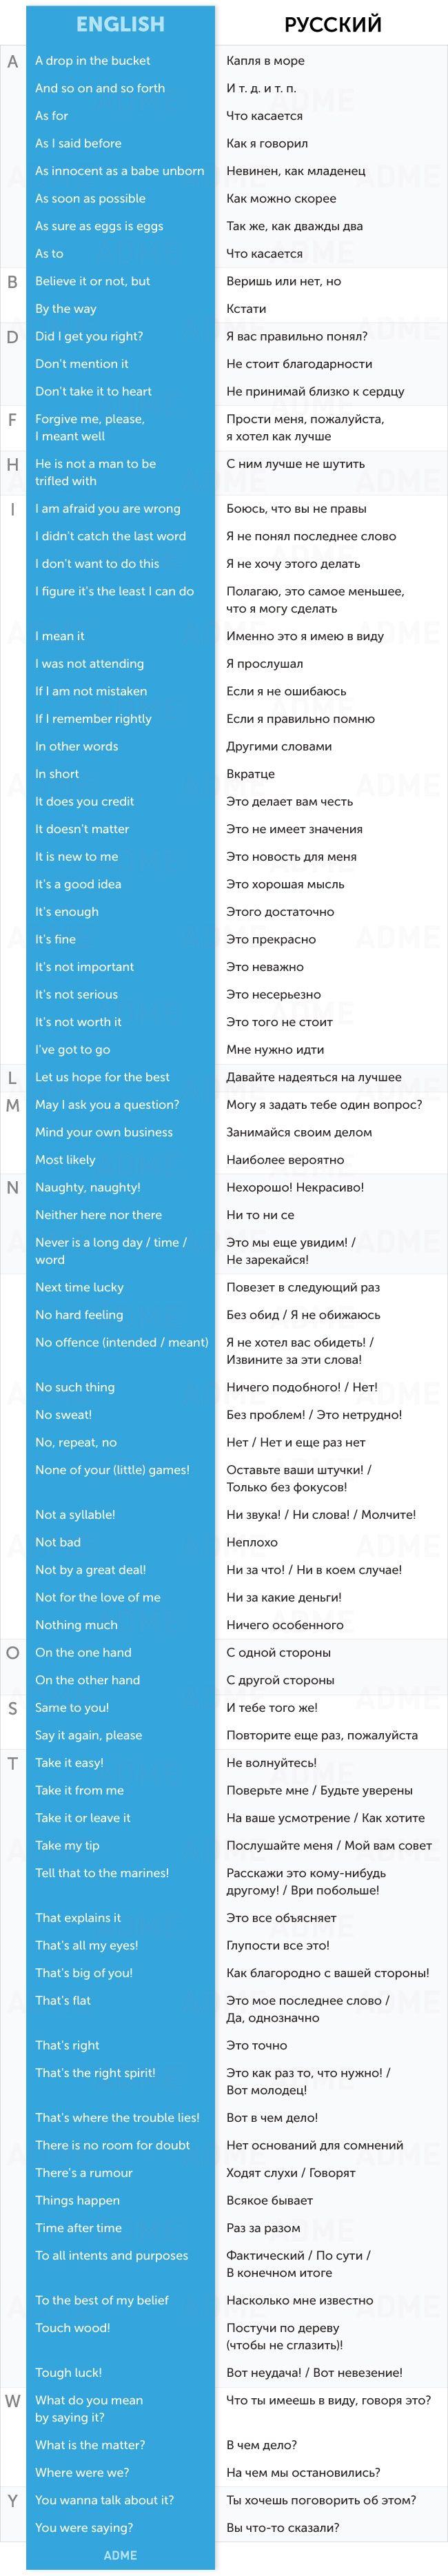 80 полезных фраз, чтобы поддержать диалог на английском